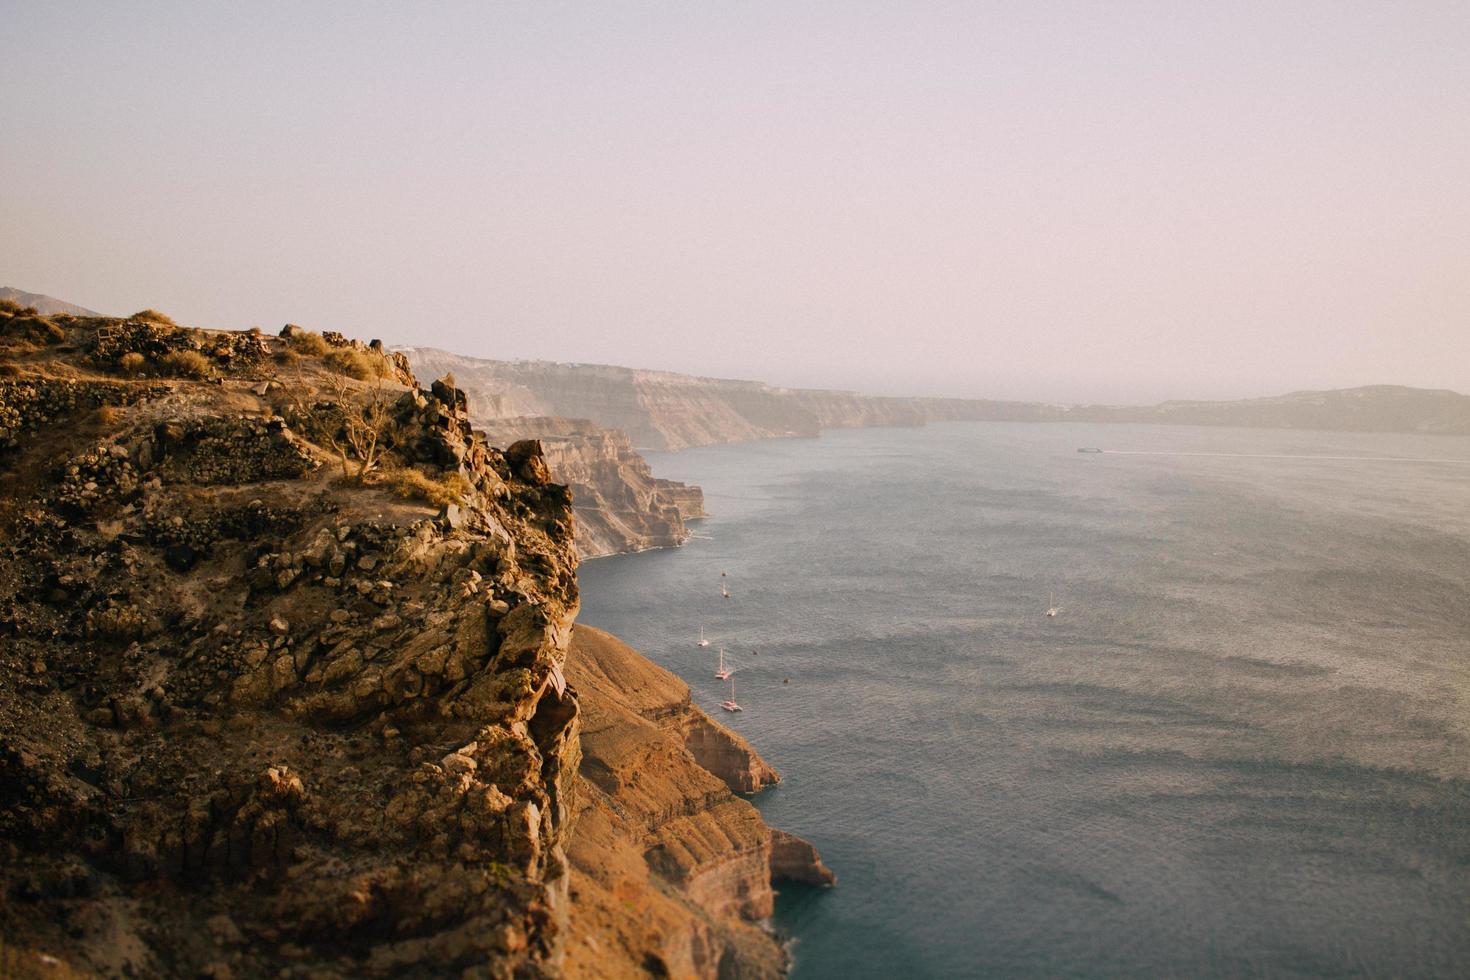 malerische Aussicht auf das Meer in der Nähe von Klippen foto